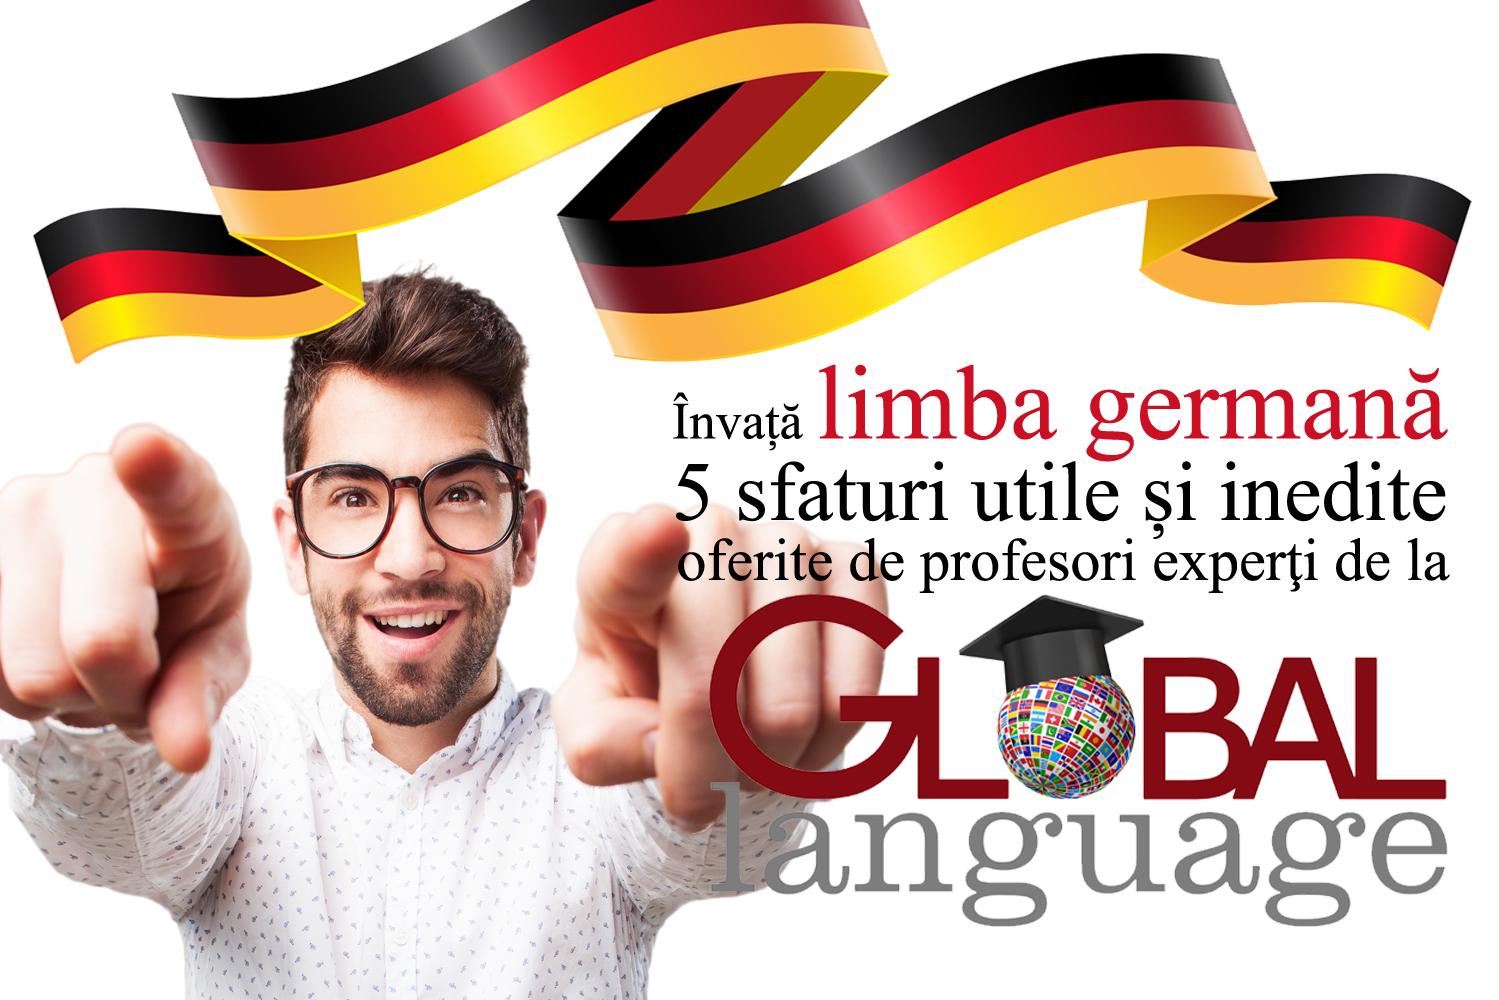 Cursuri si profesori de germana - Sfaturi utile si inedite sa inveti germana Limba Germana - Centru lb germana Timisoara